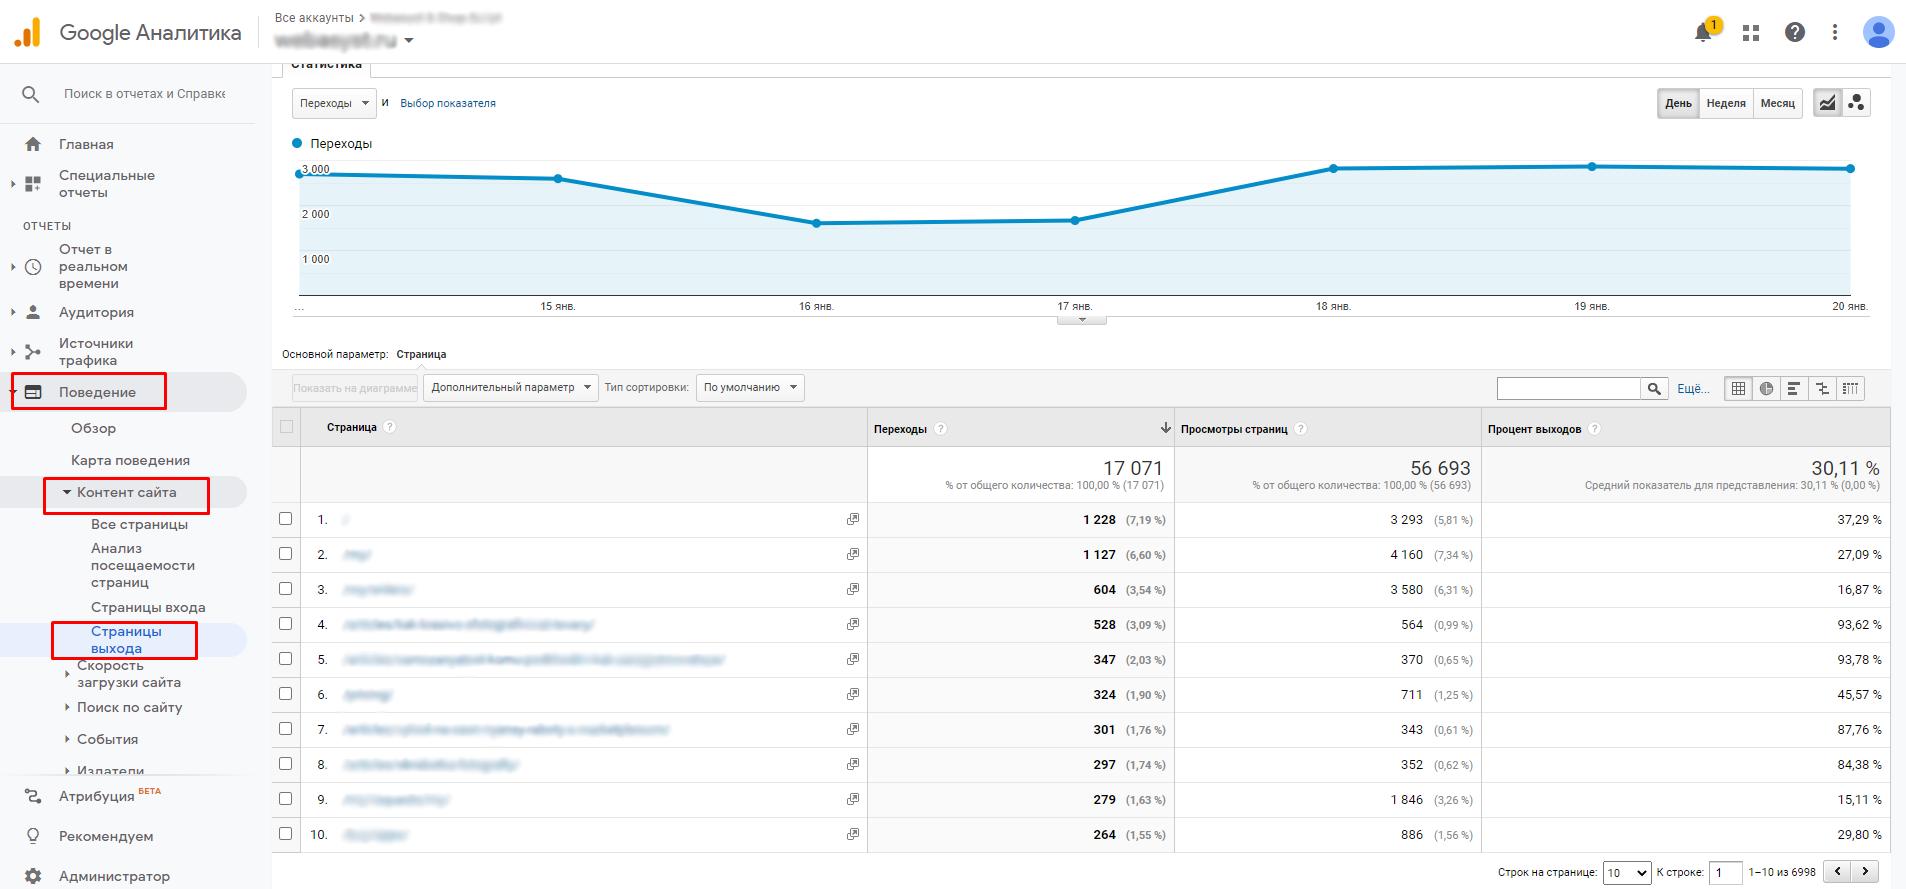 Страницы выхода в Google Analytics